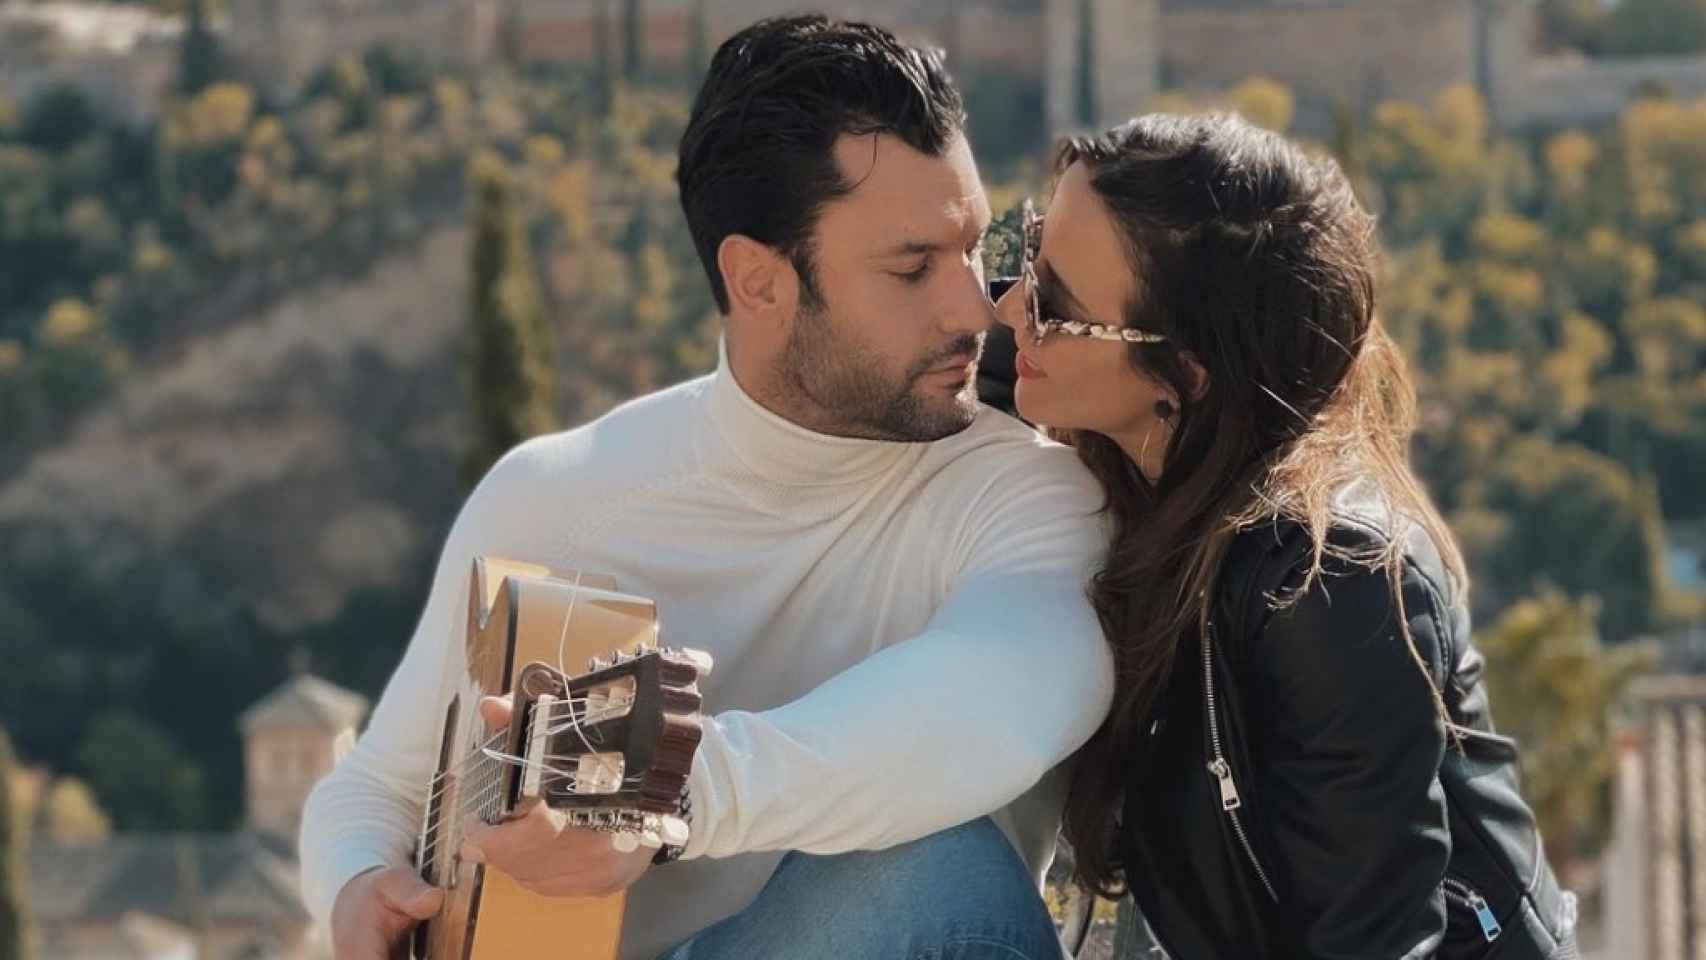 Jorge Pérez y Alicia Peña, en una imagen compartida en Instagram.